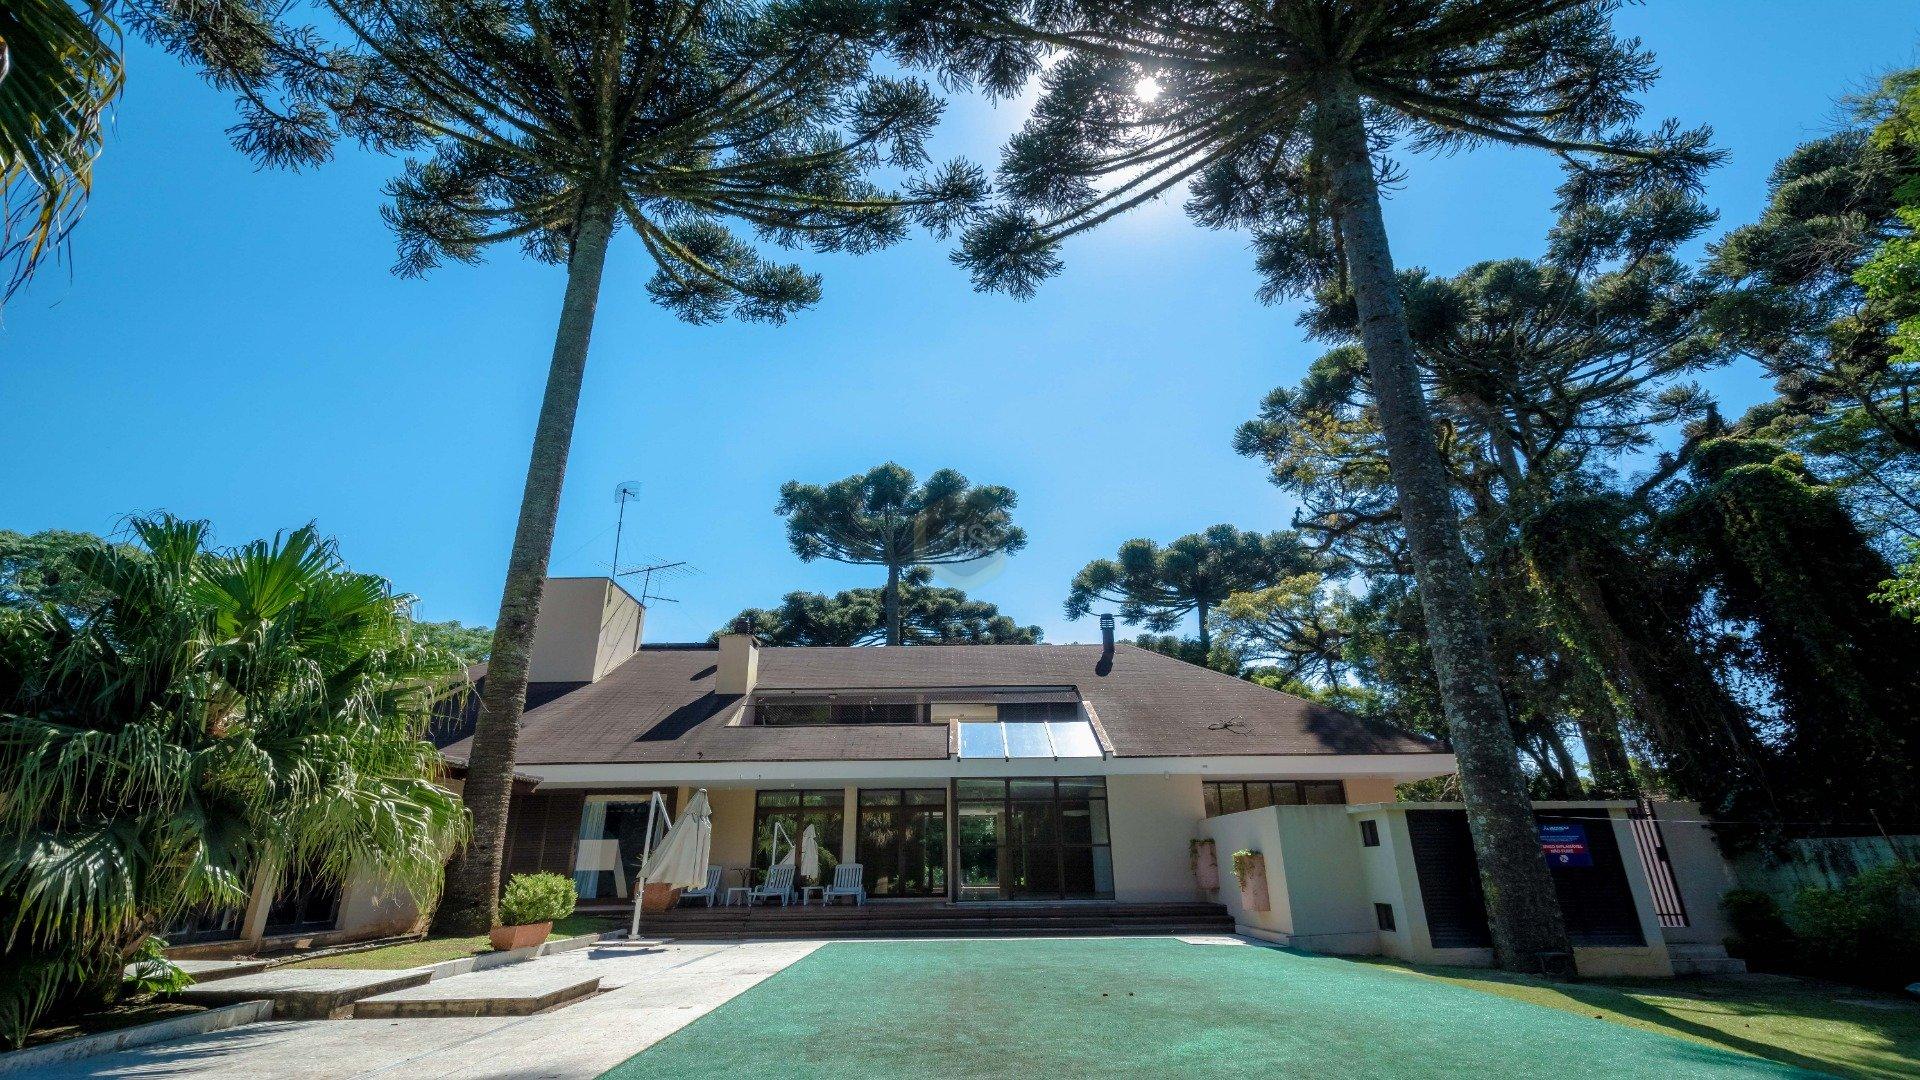 Foto de destaque Uma casa incrível em meio ao verde!